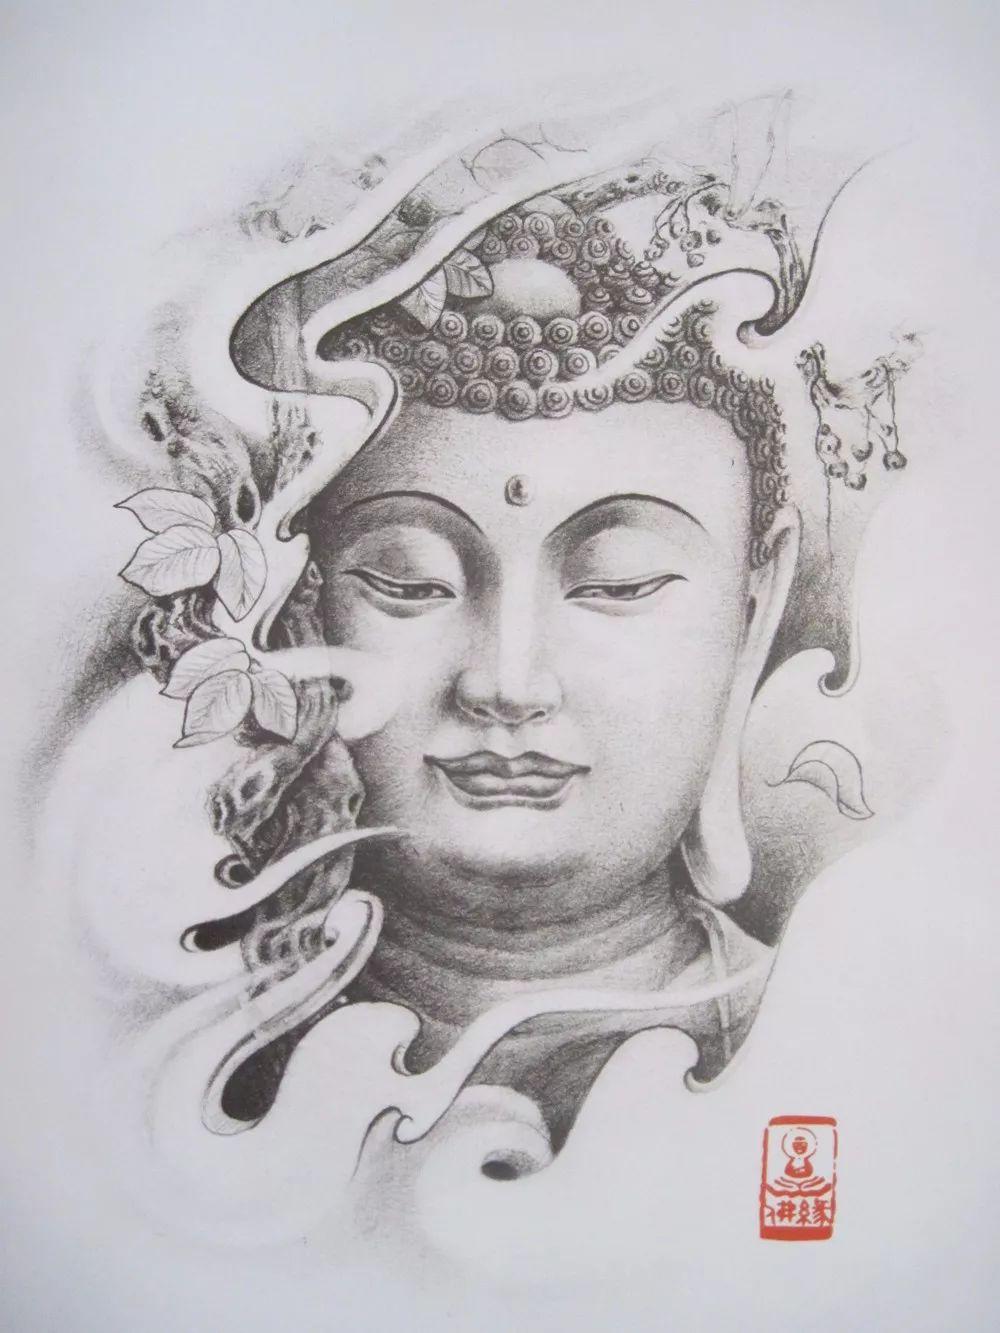 我是雕刻师,纹身雕刻素描手稿素材佛像